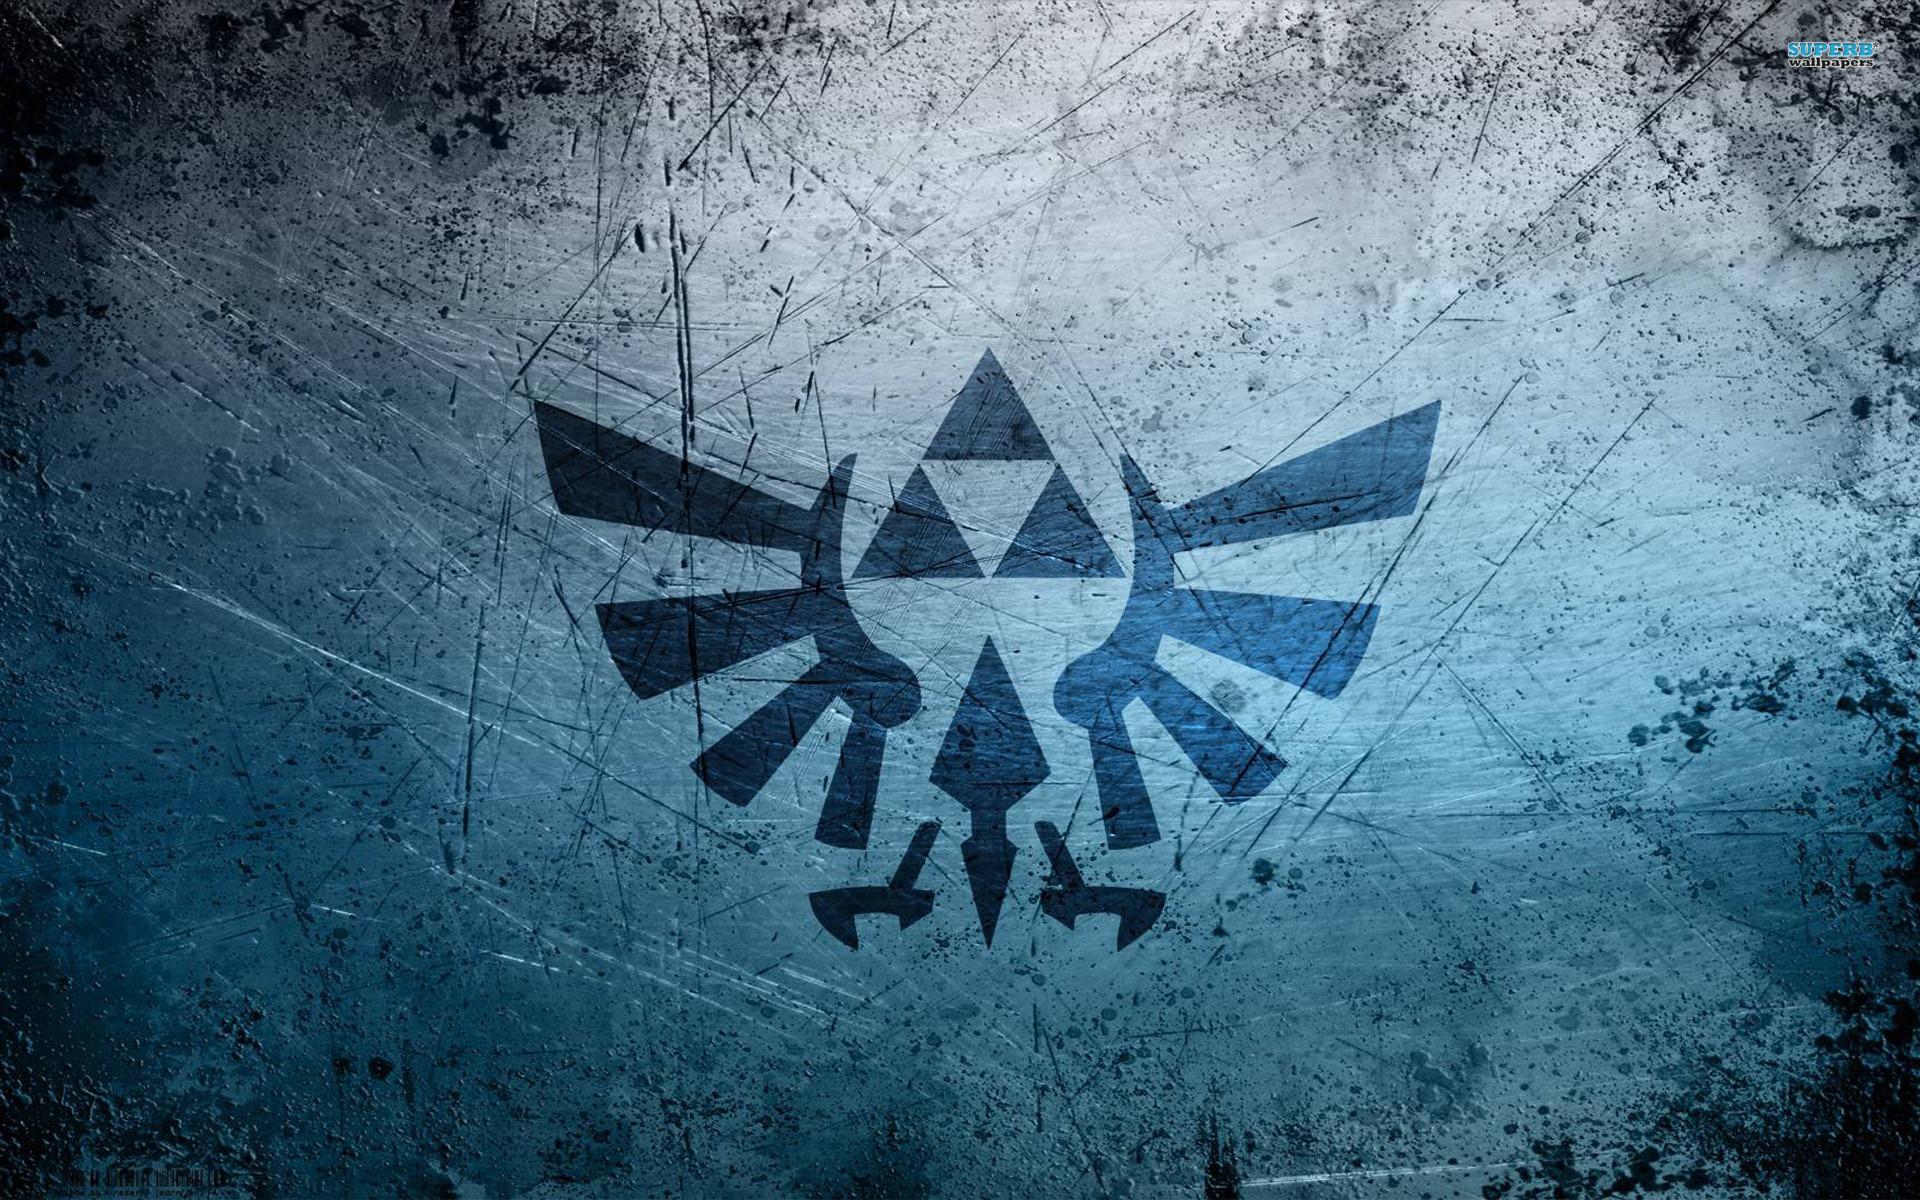 The Legend of Zelda wallpaper 1920x1200 jpg